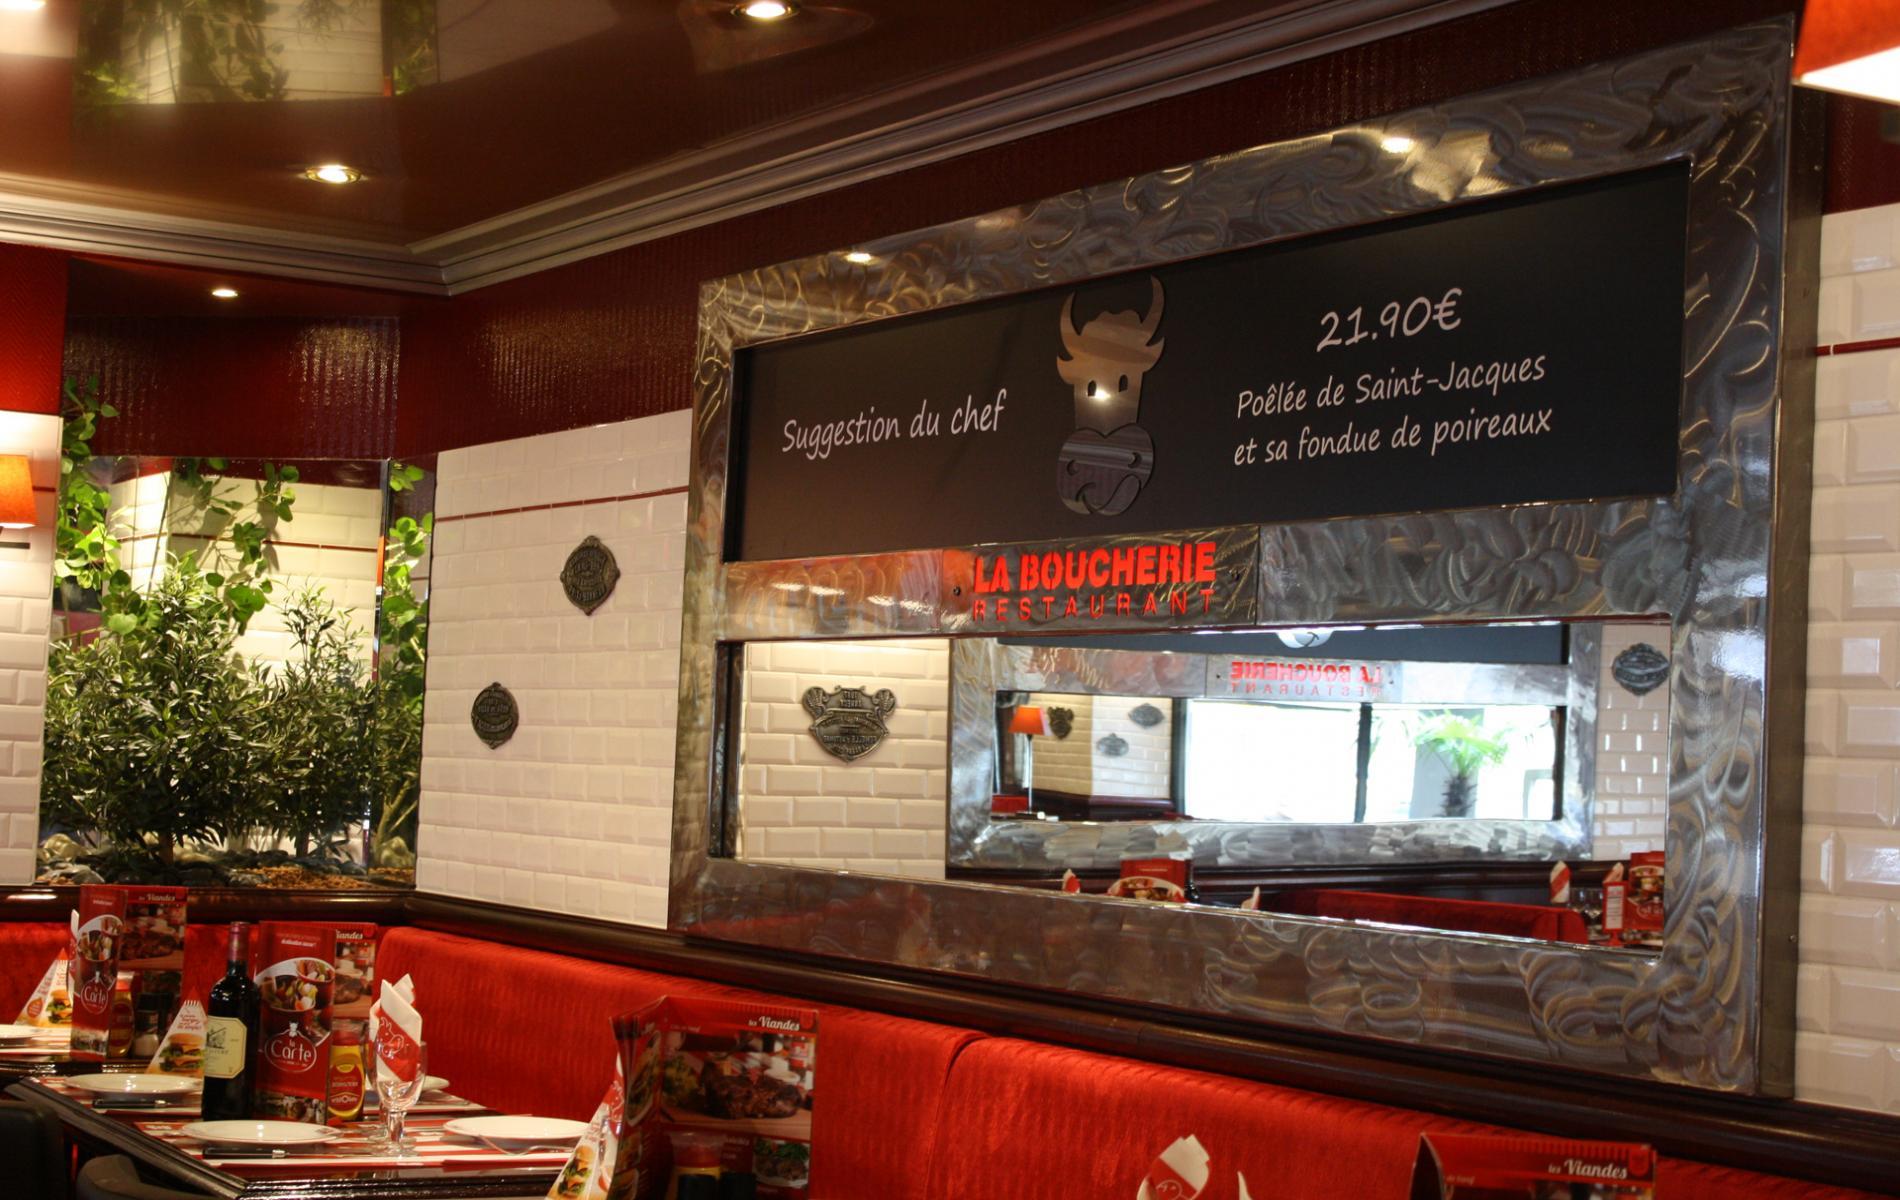 Cadre miroir / porte menus - Restaurant La boucherie à Caen